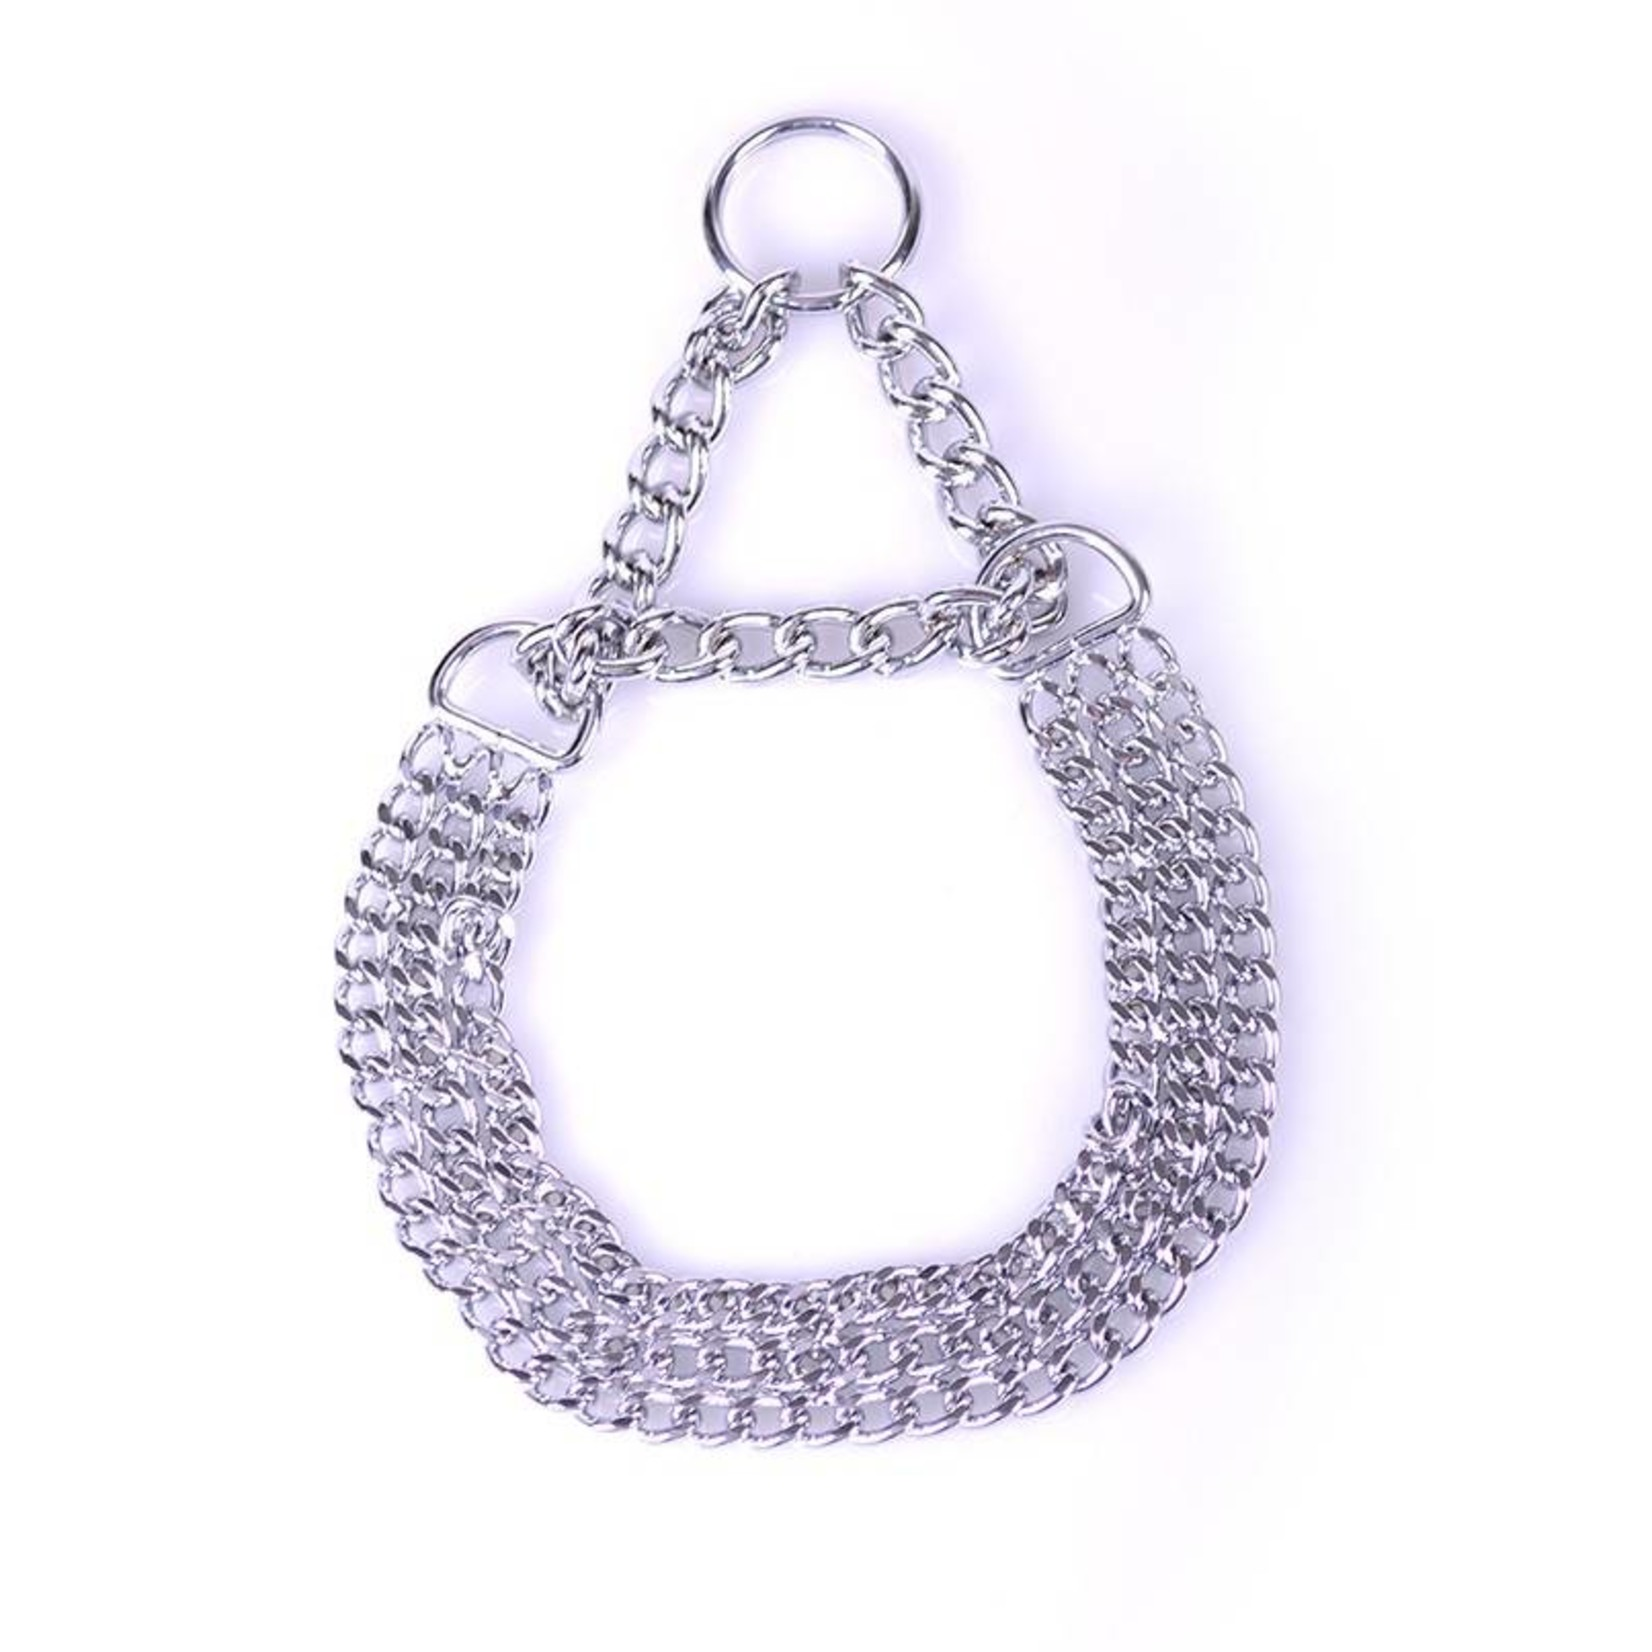 KIOTOS Chain Collar